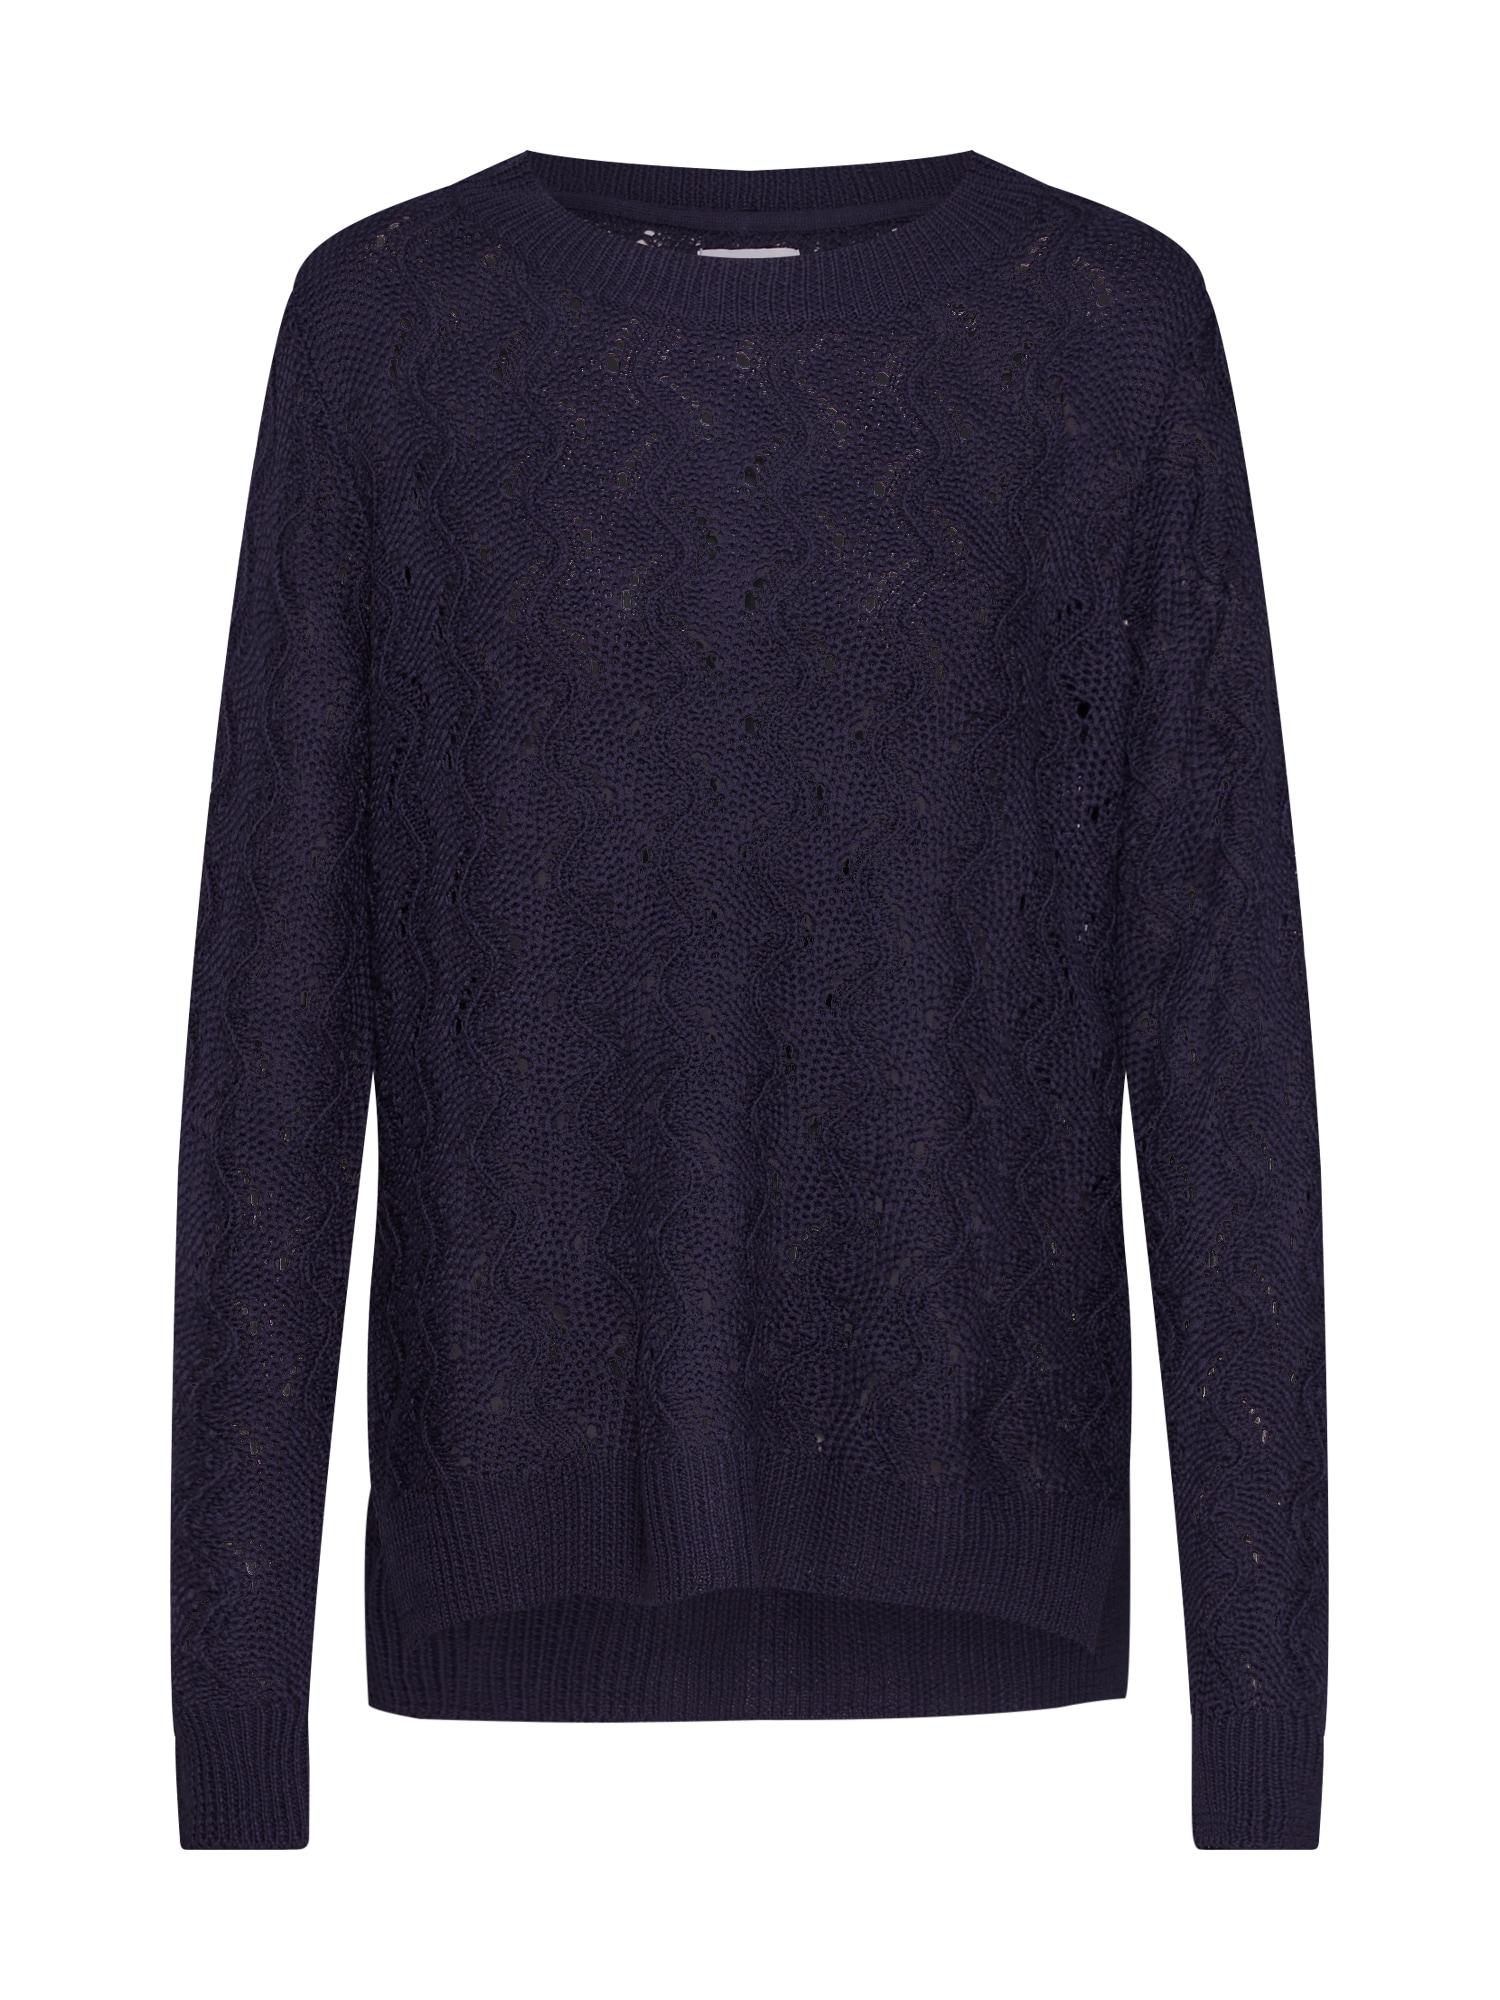 Pullover | Bekleidung > Pullover > Sonstige Pullover | JACQUELINE De YONG